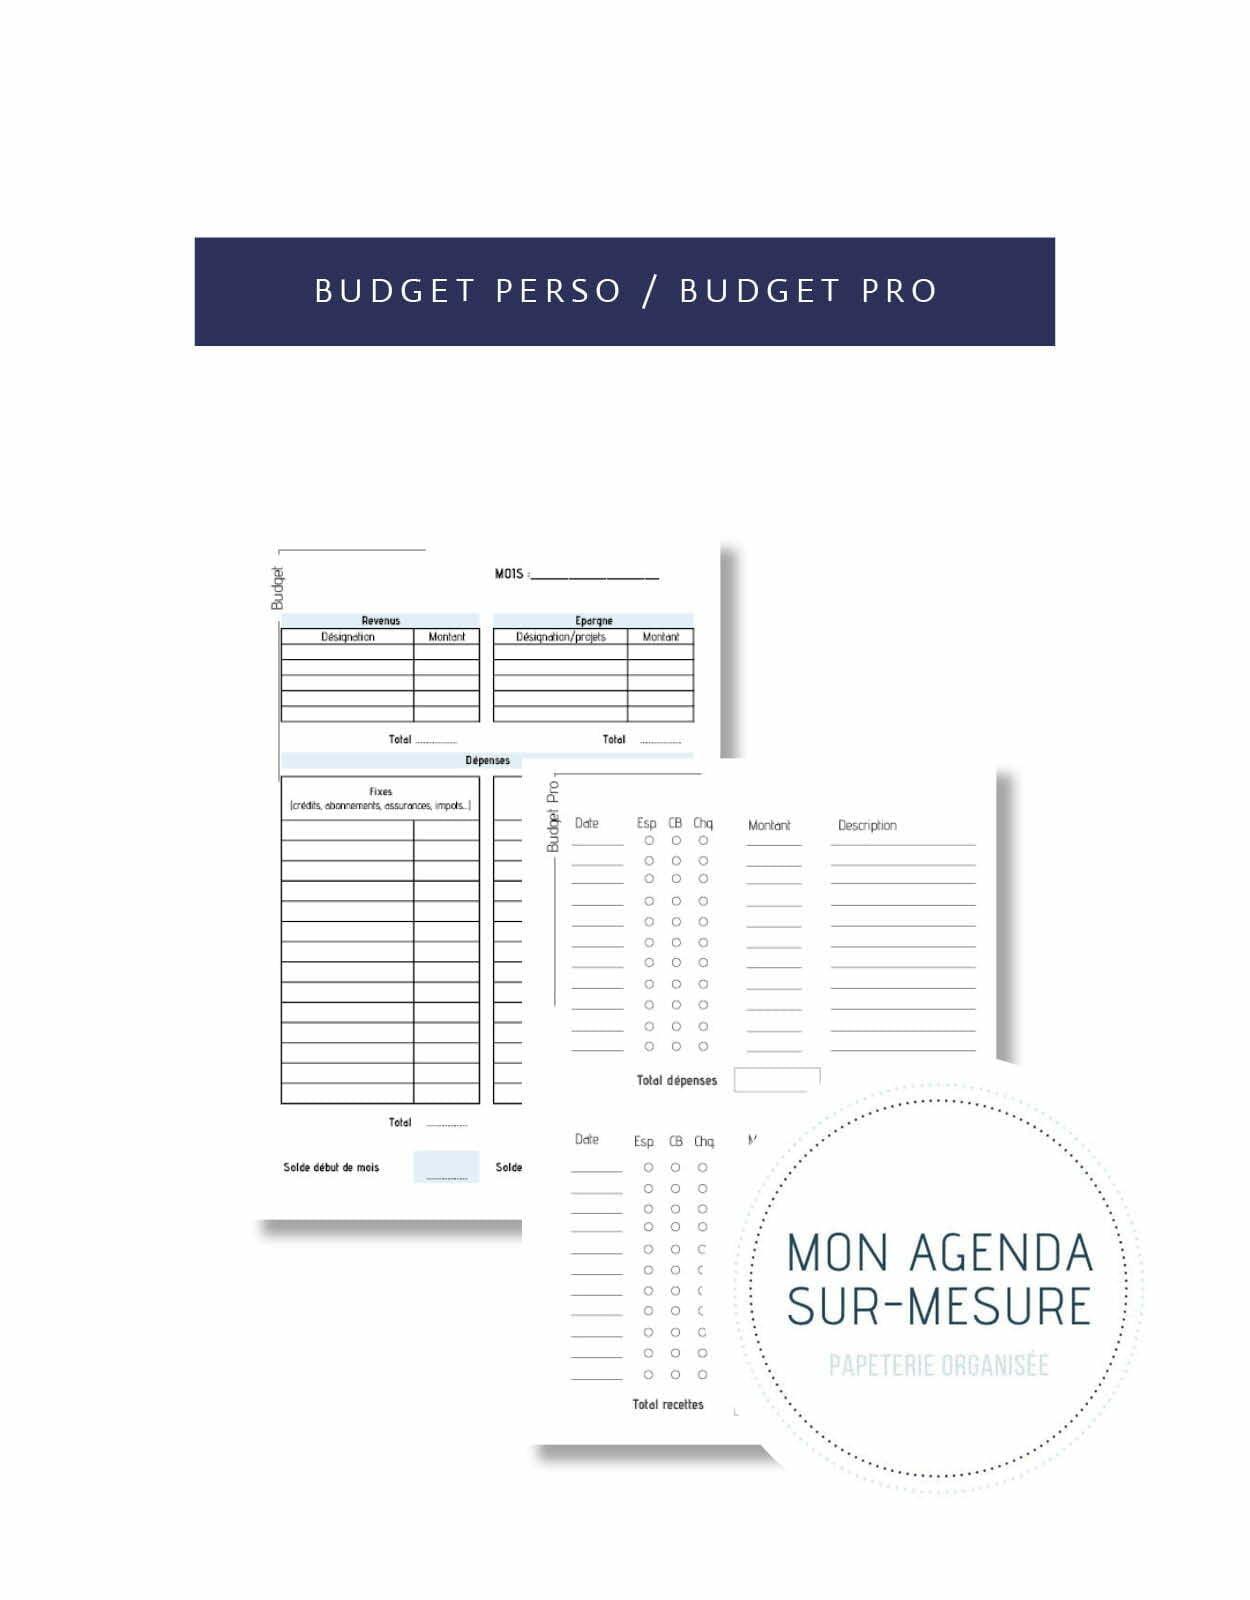 page-agenda-sur-mesure-budget-perso-pro